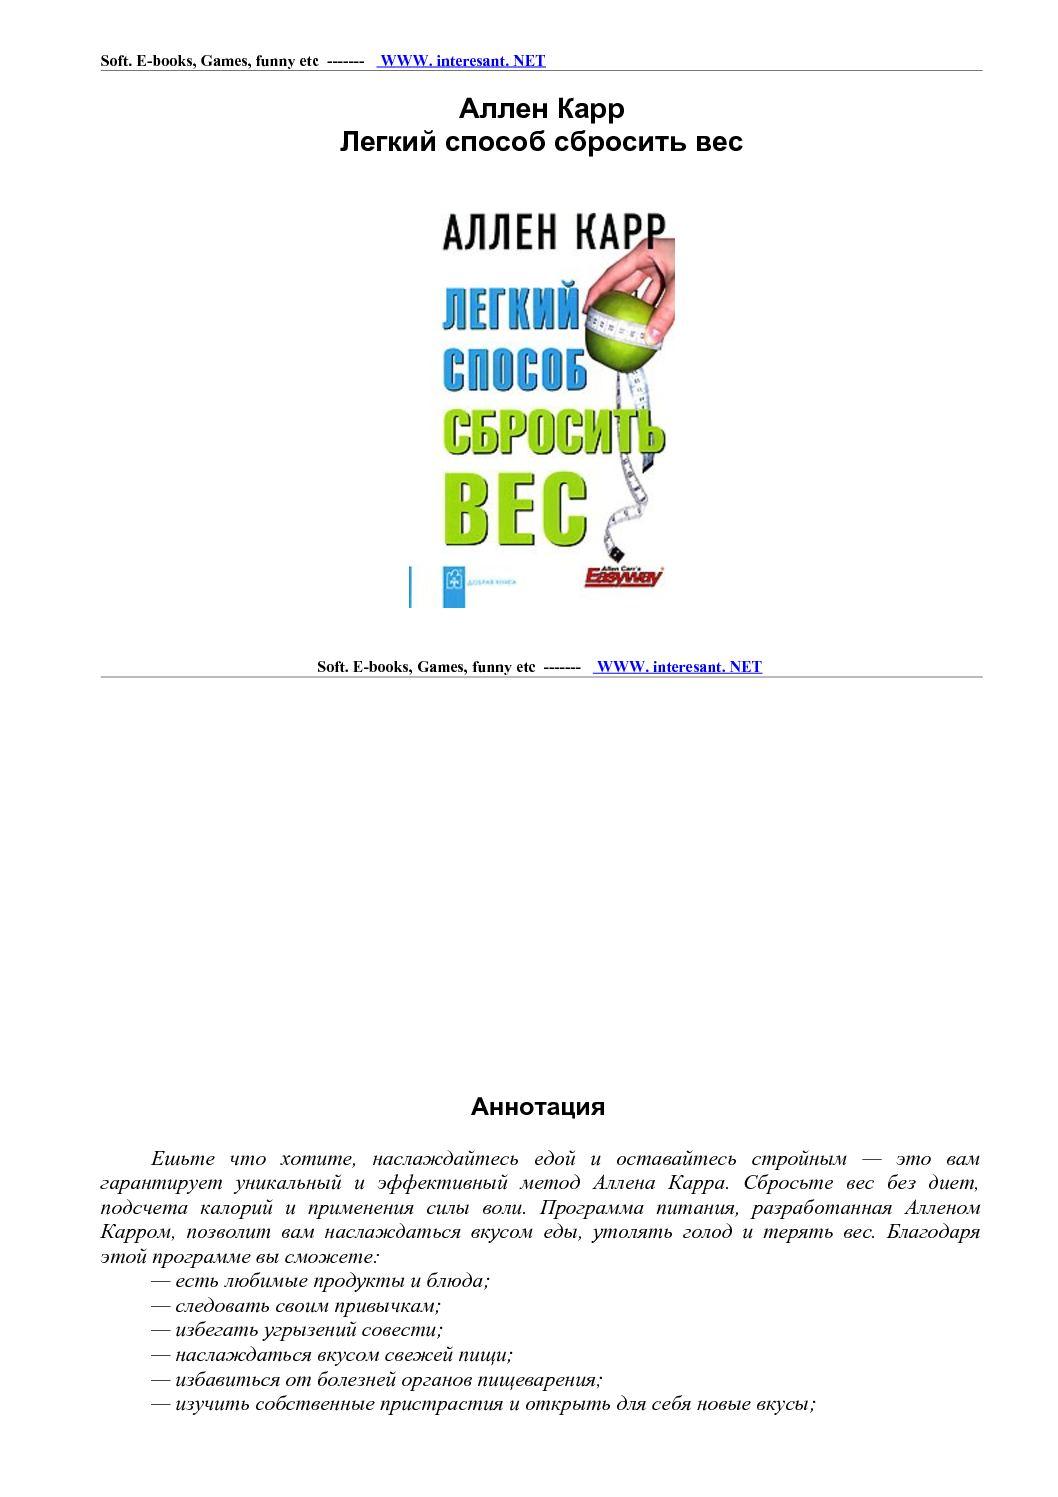 Humor Карр Аллен медицинская литература ЛЕГКИЙ ЛЁГКИЙ СПОСОБ БРОСТЬ ПИТЬ